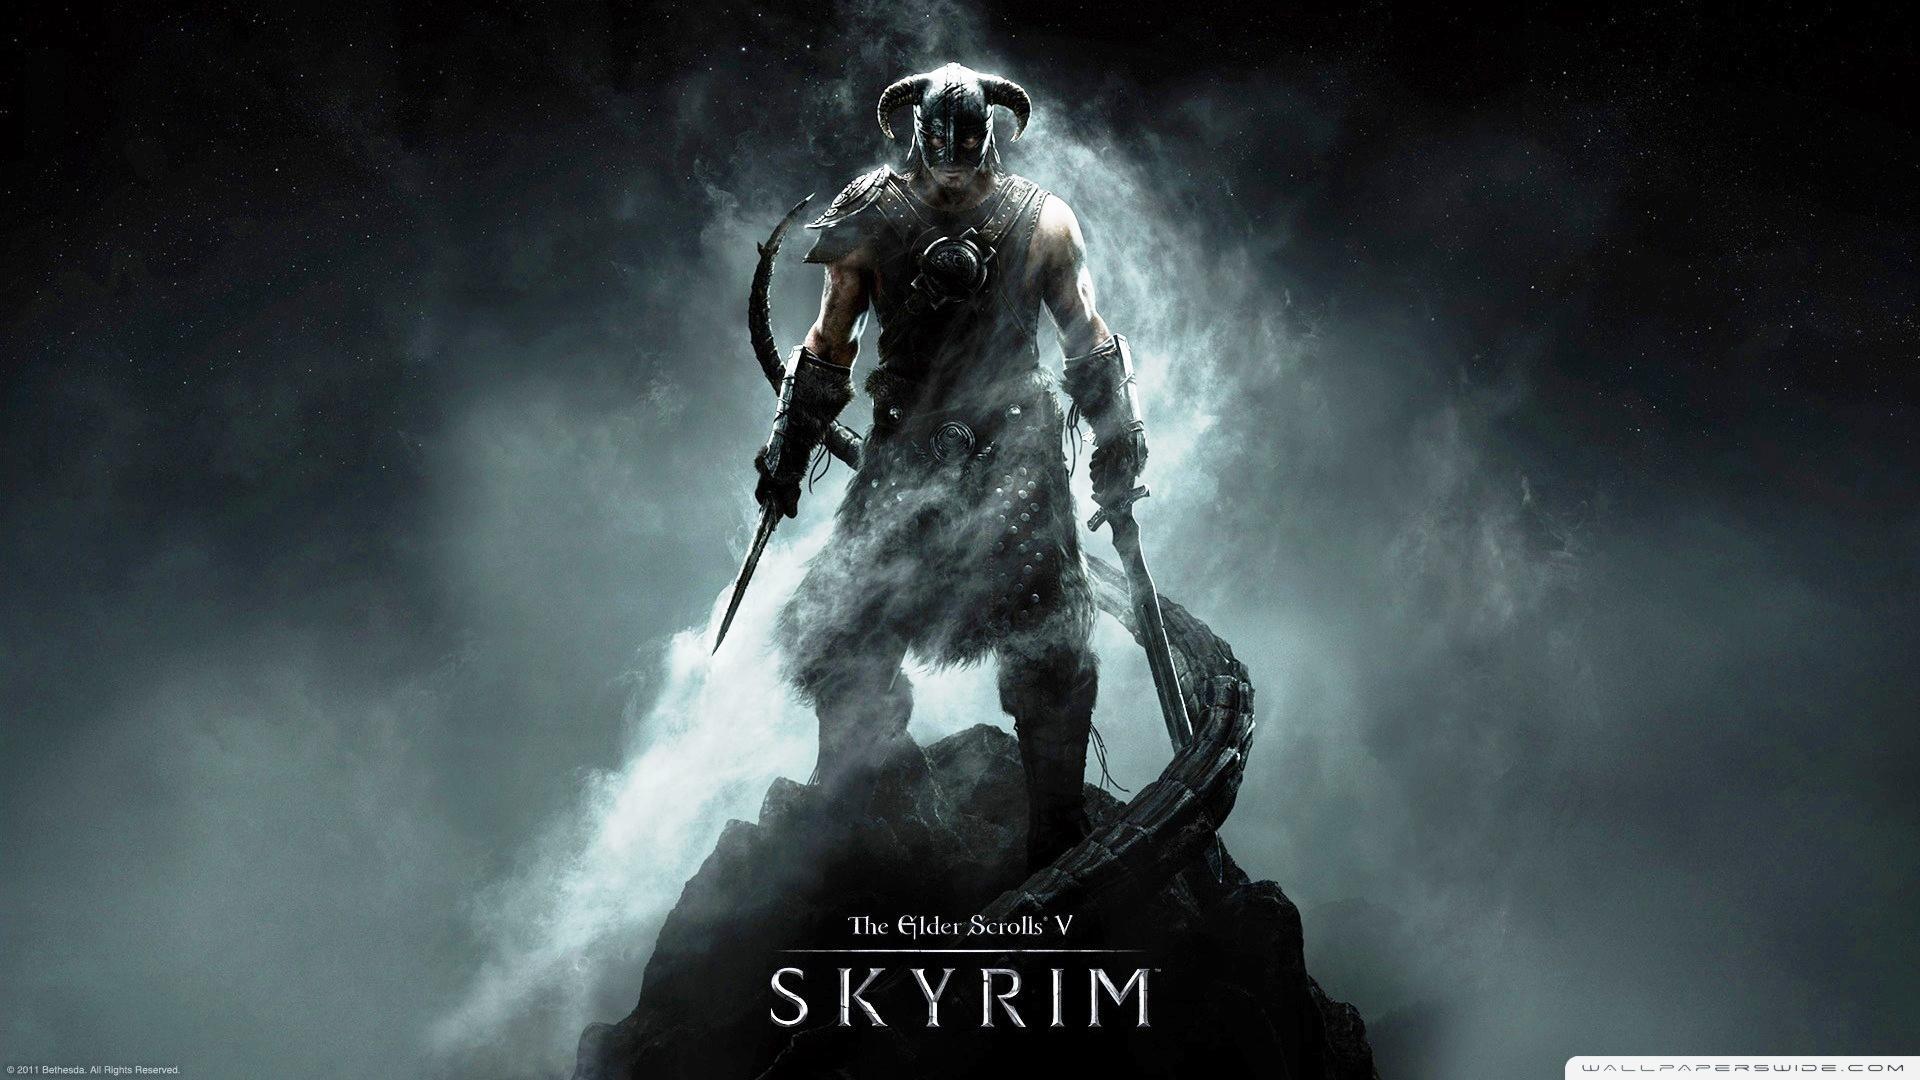 Skyrim Wallpaper Hd Gaming Wallpapers Elder